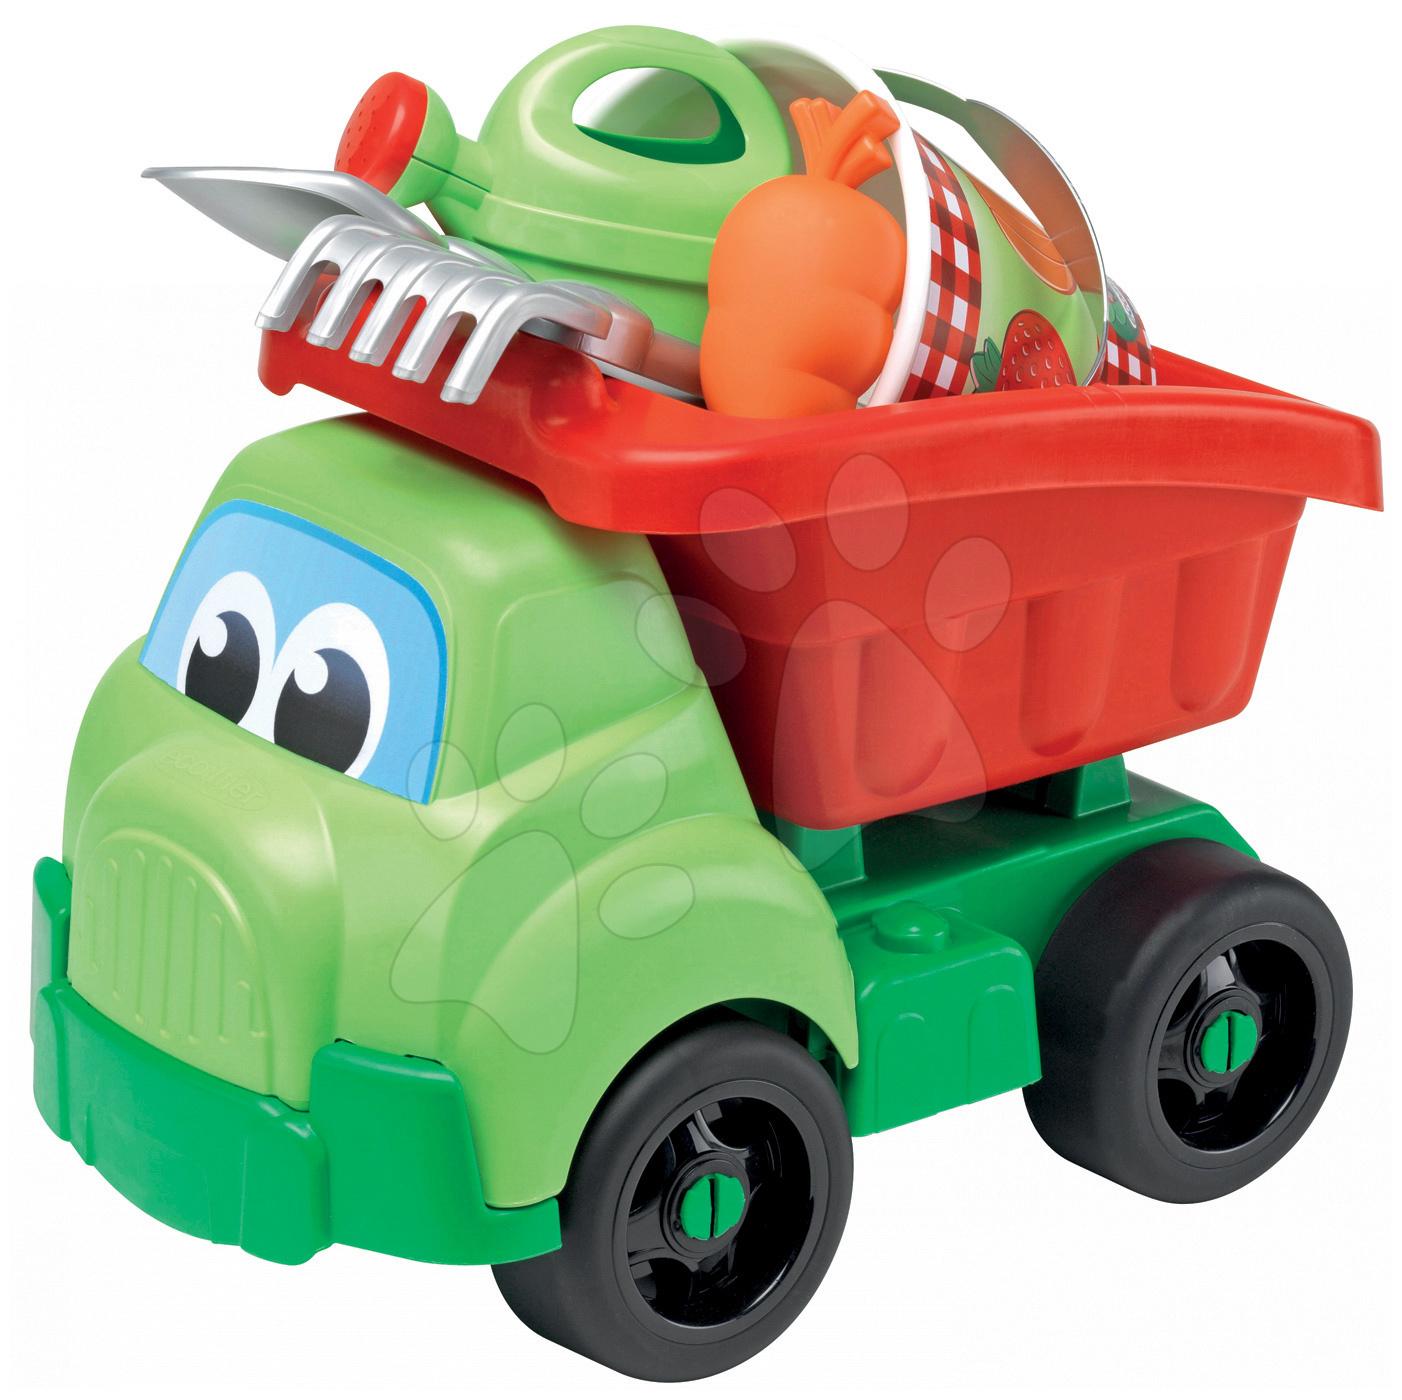 Auta do písku - Vyklápěč Picnic Écoiffier s kbelík setem (délka 41 cm) od 18 měsíců